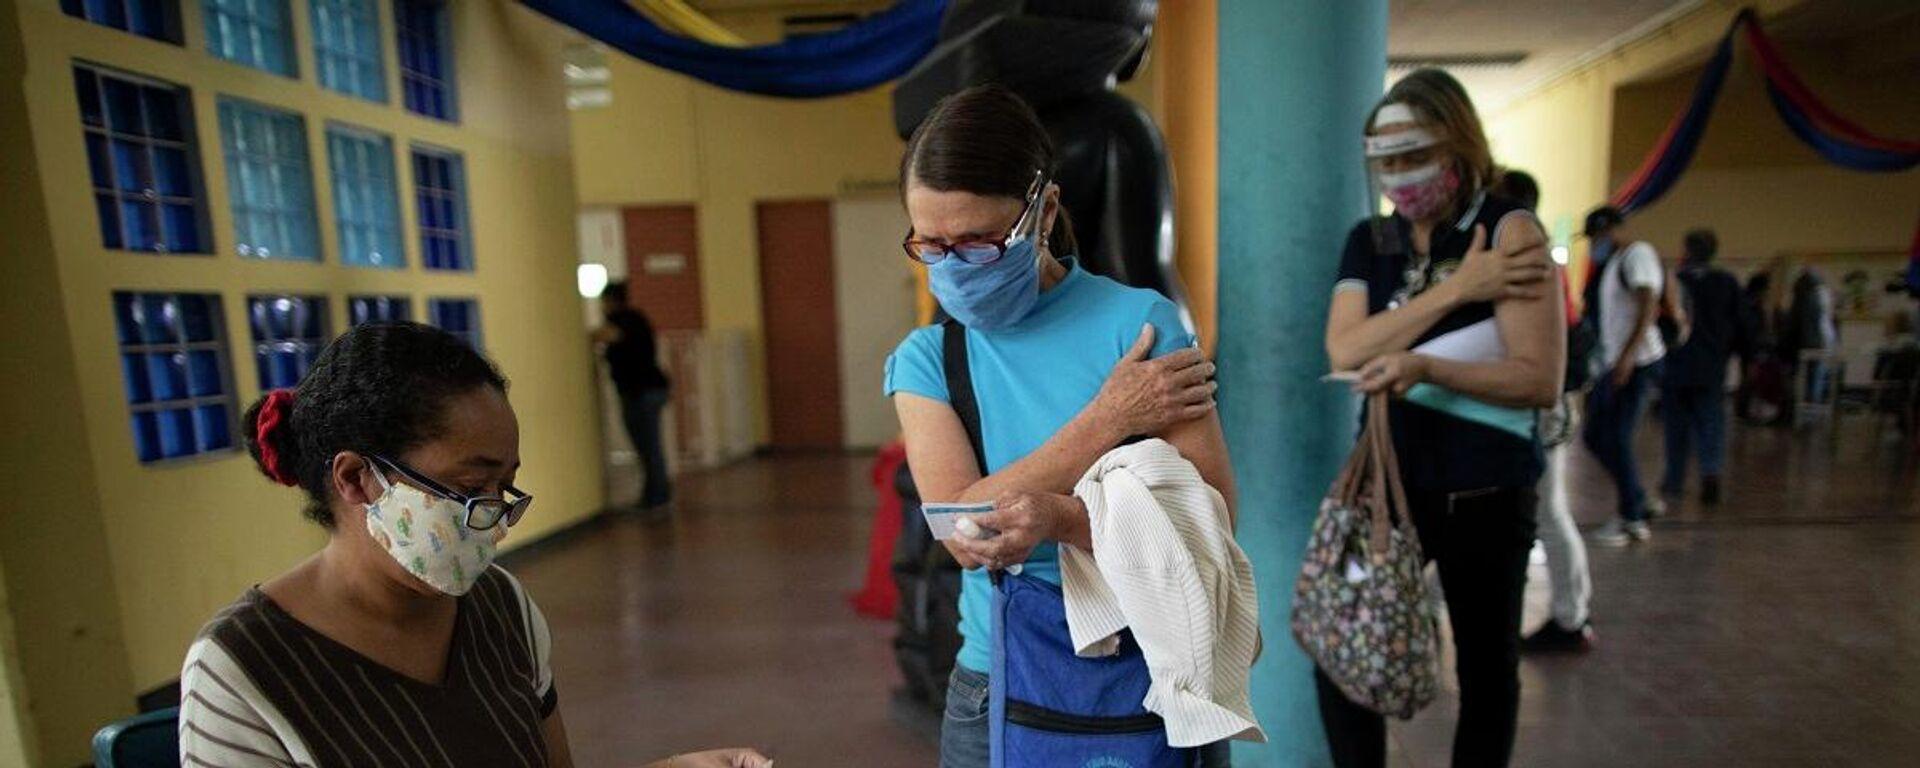 La vacunación en Venezuela - Sputnik Mundo, 1920, 16.05.2021